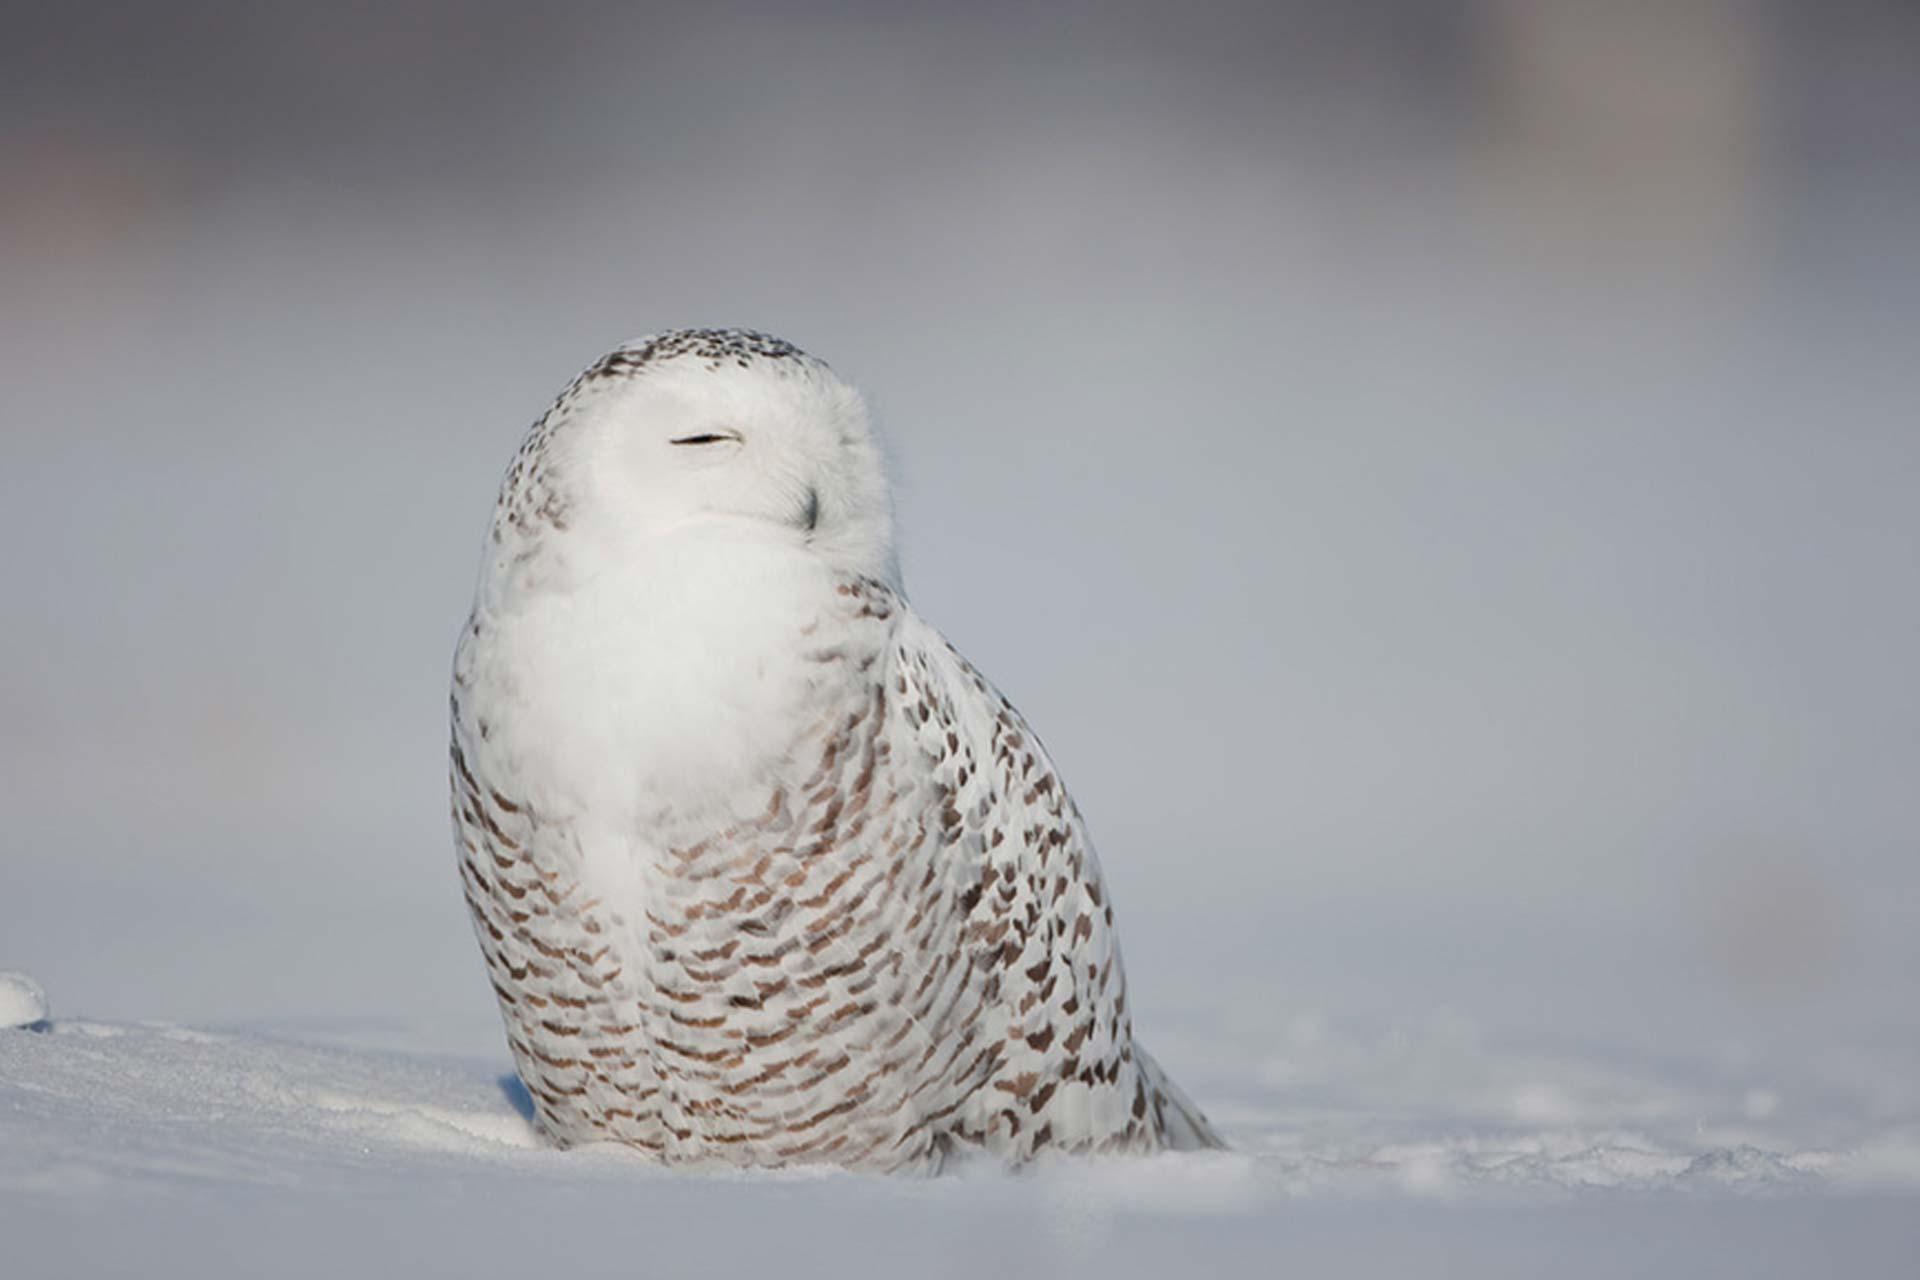 Harfang des neiges posé dans la neige, les yeux fermés, fond flou blanc